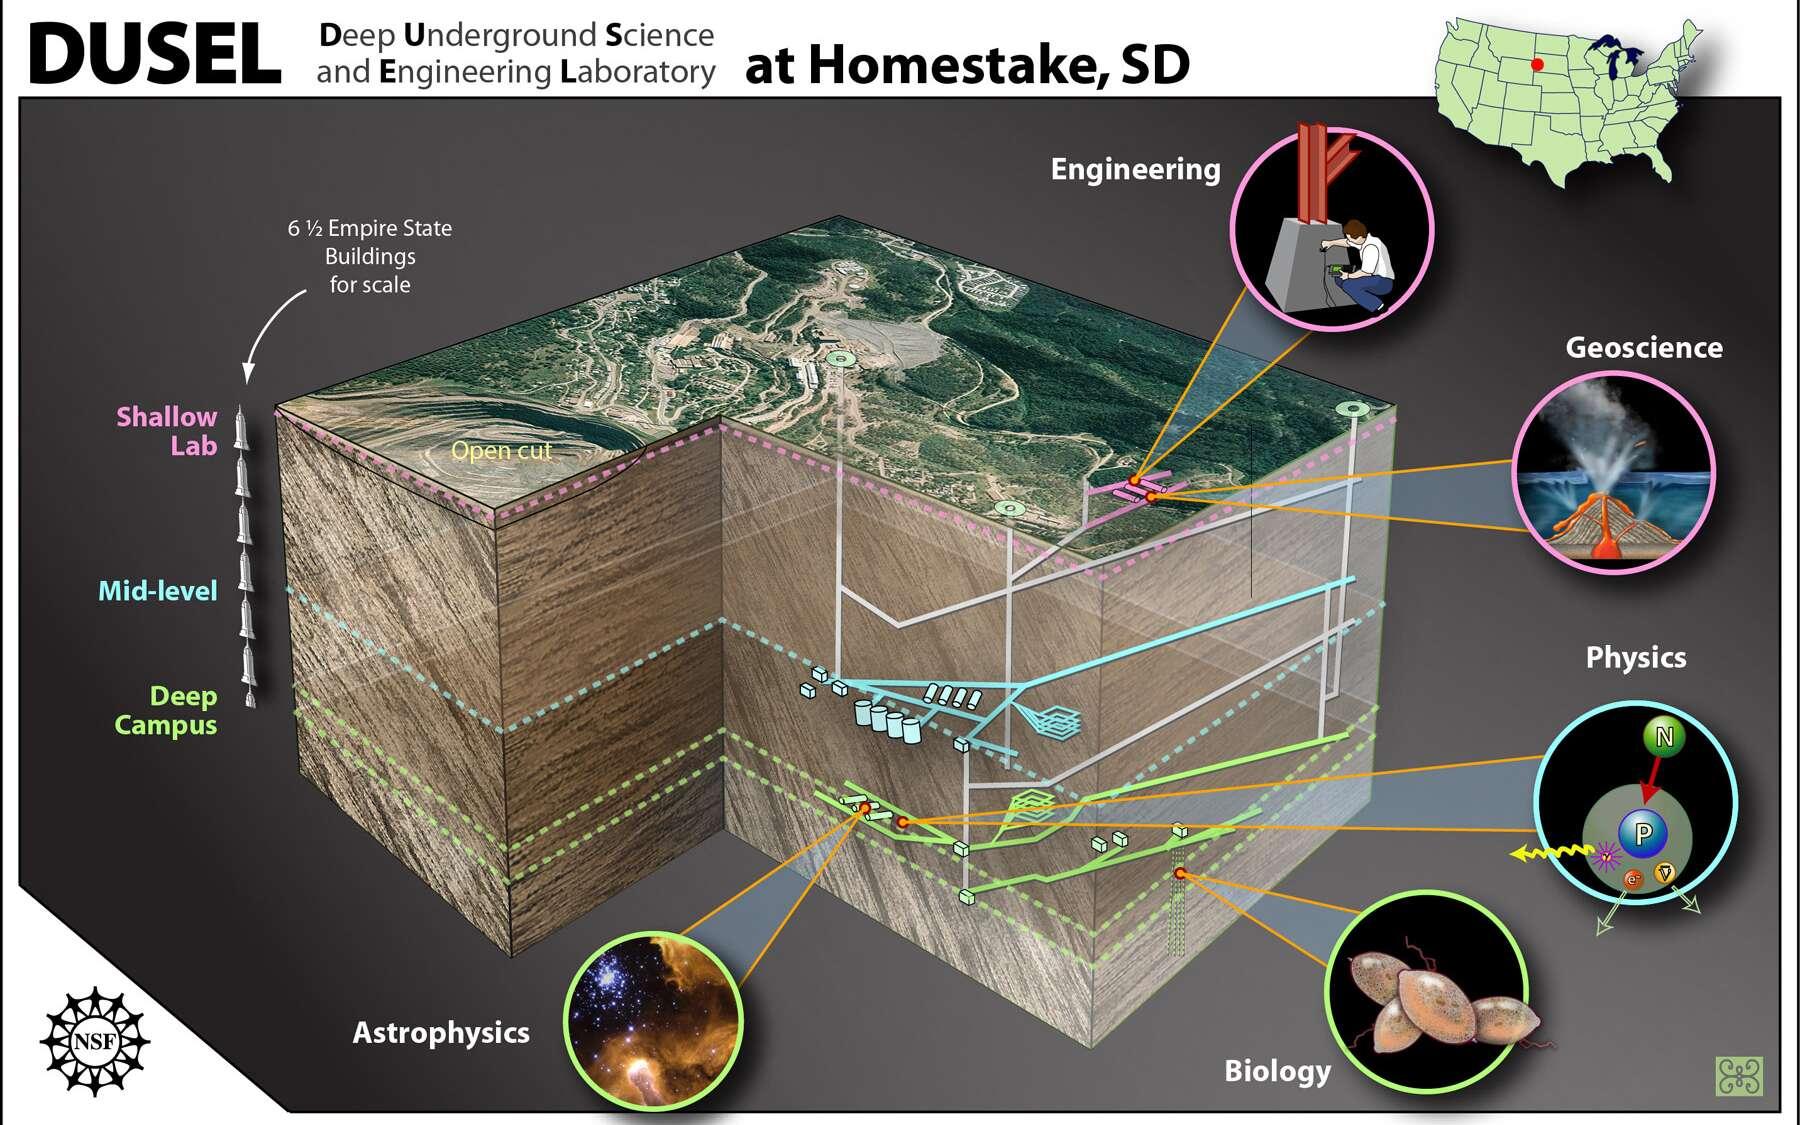 Schéma montrant un plan de la mine de Homestake et les localisations des futures expériences qui y seront menées en microbiologie, géophysique, astrophysique, etc. Crédit : Zina Deretsky, National Science Foundation